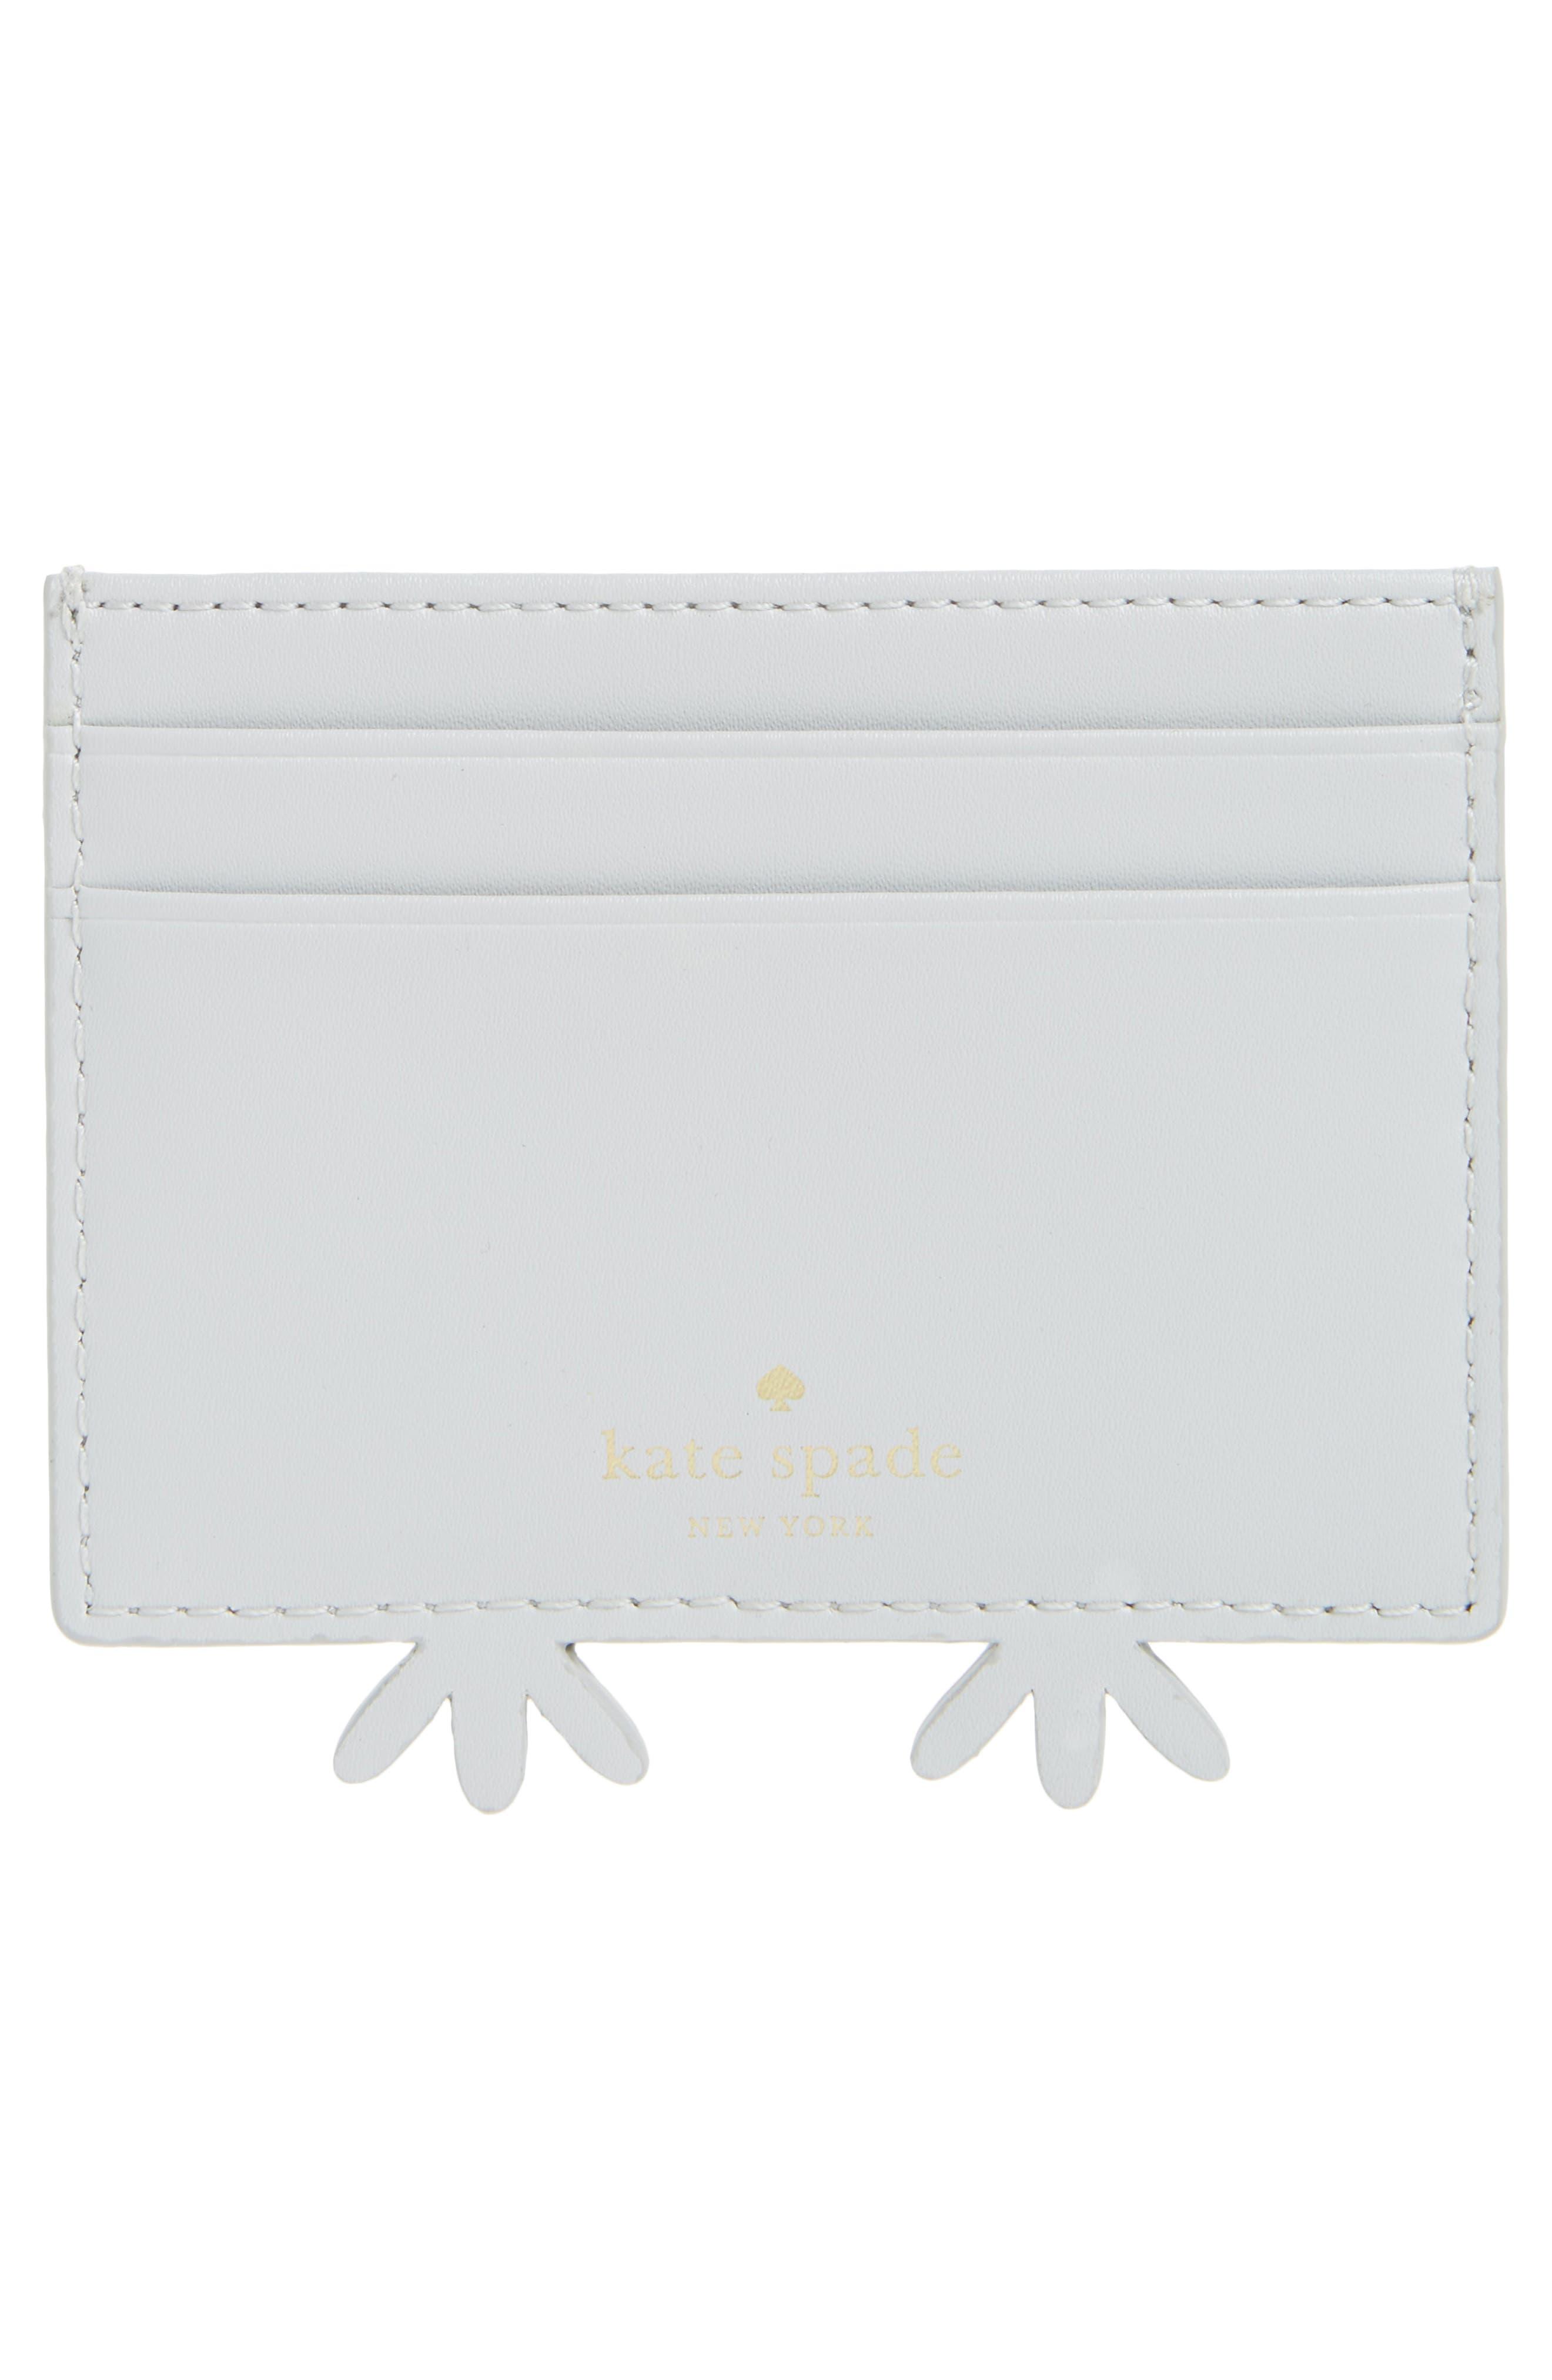 starbright owl leather card holder,                             Alternate thumbnail 2, color,                             Multi